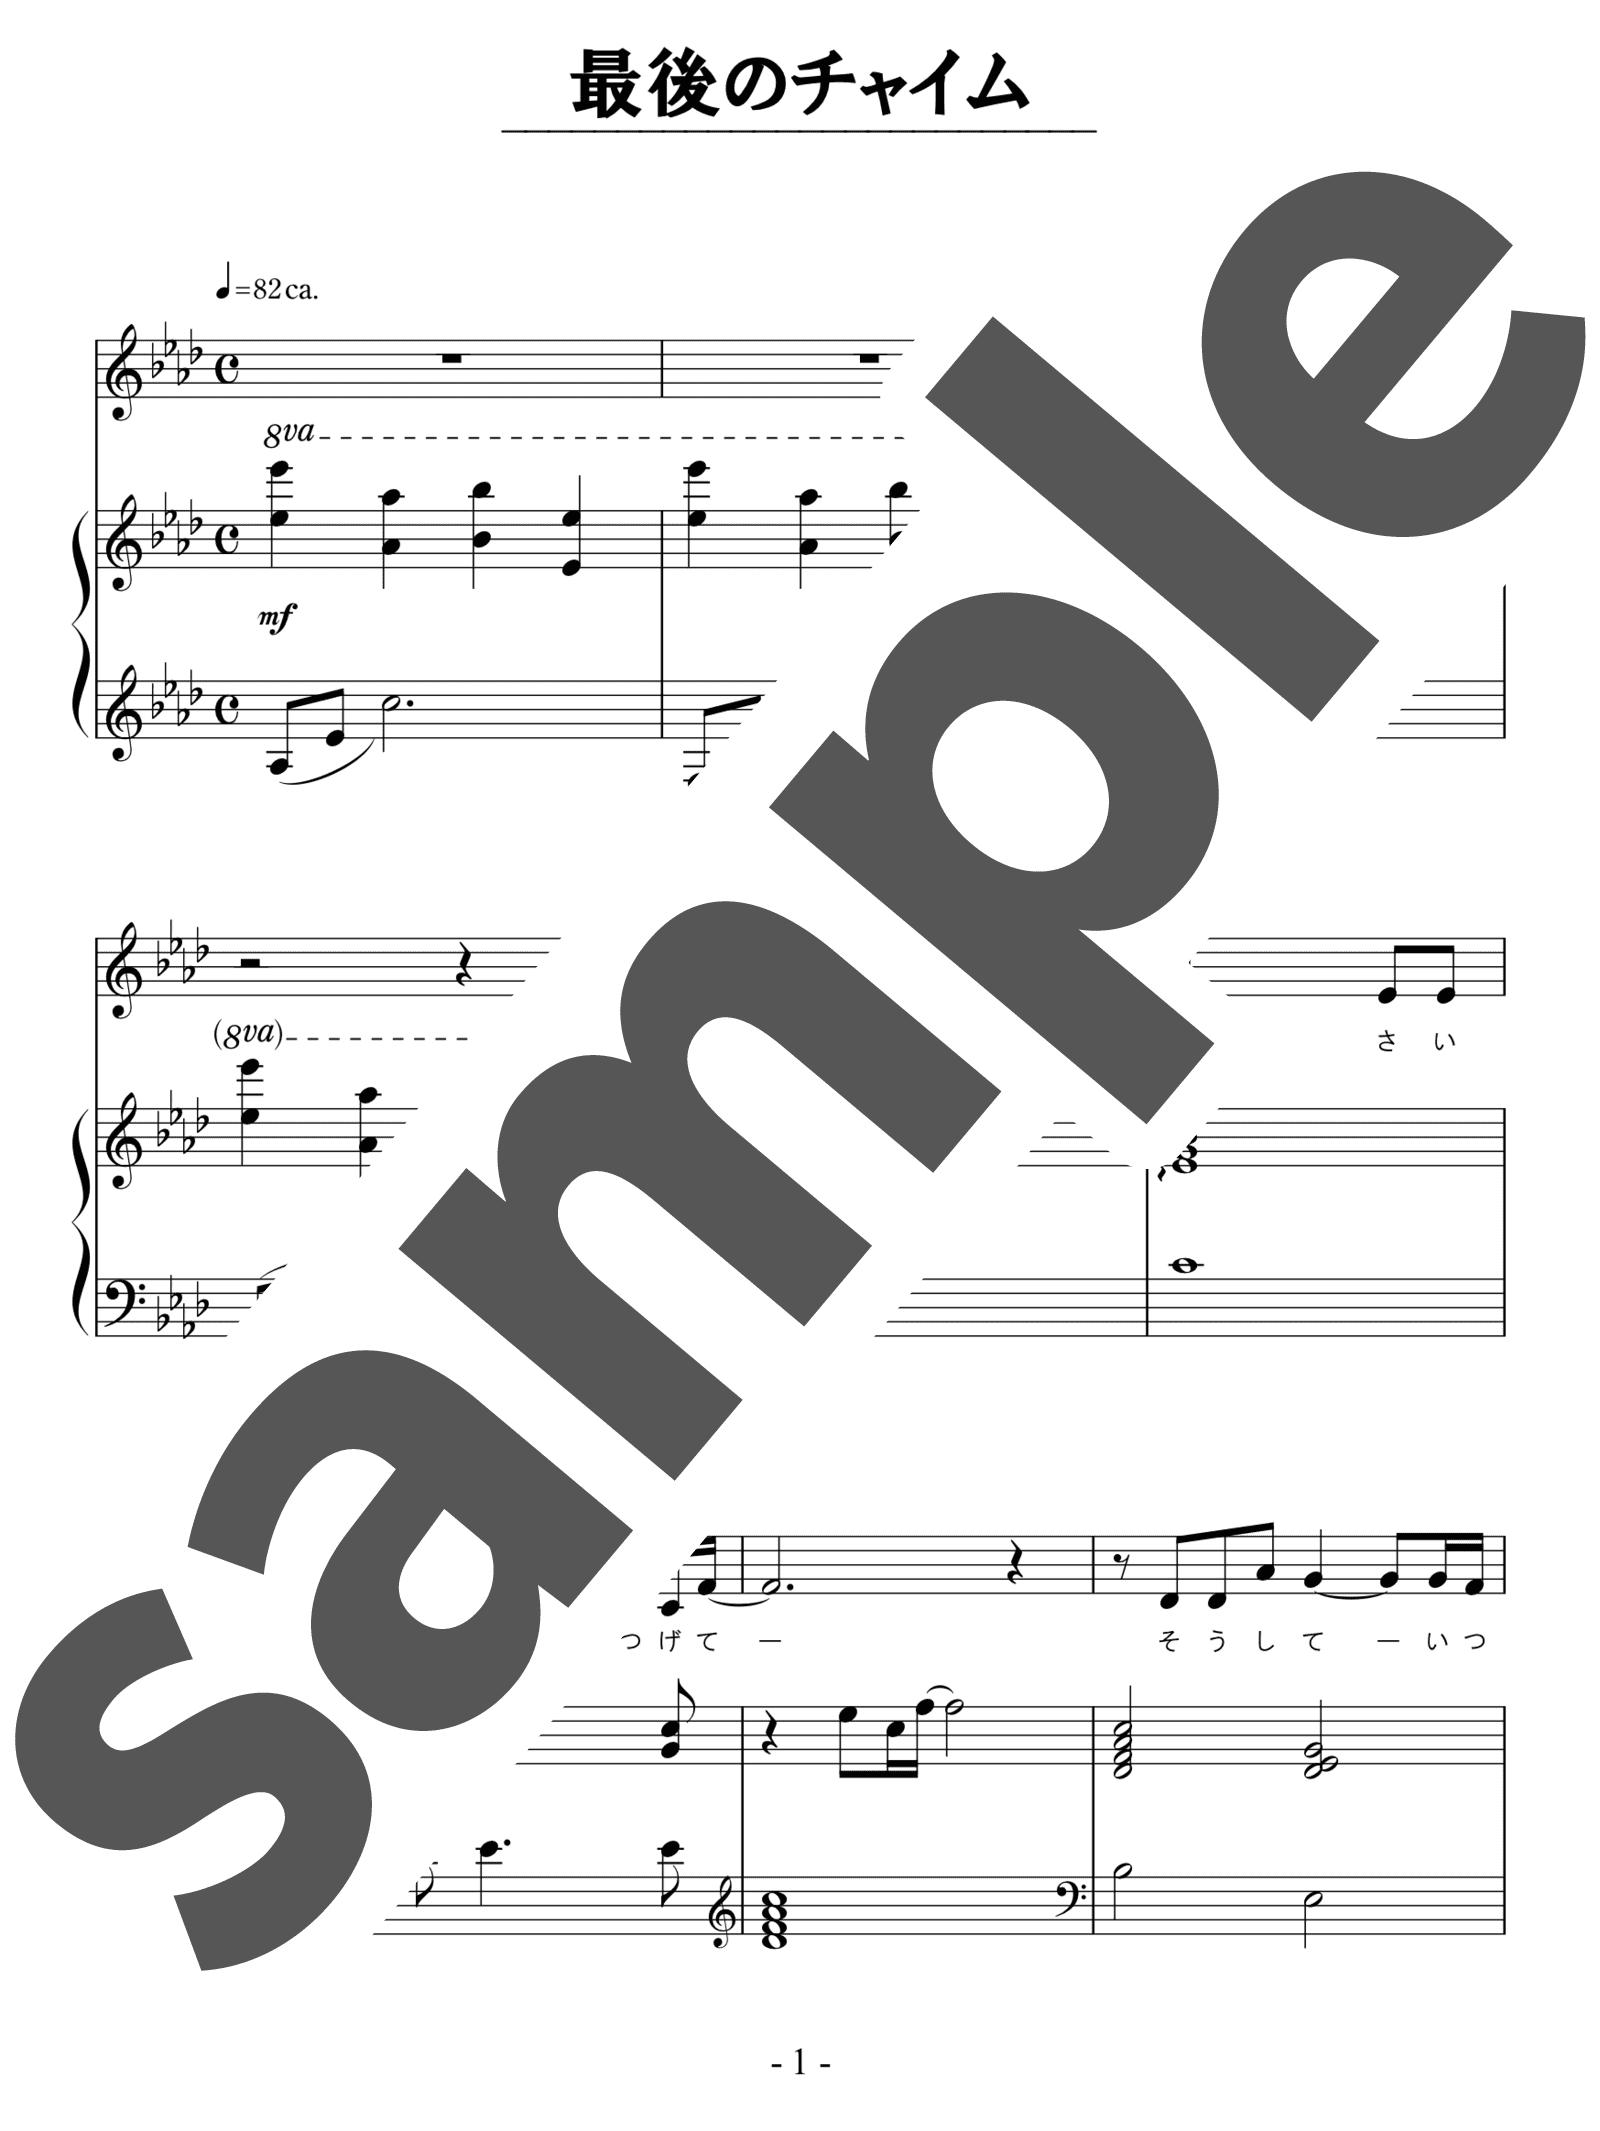 「最後のチャイム」のサンプル楽譜